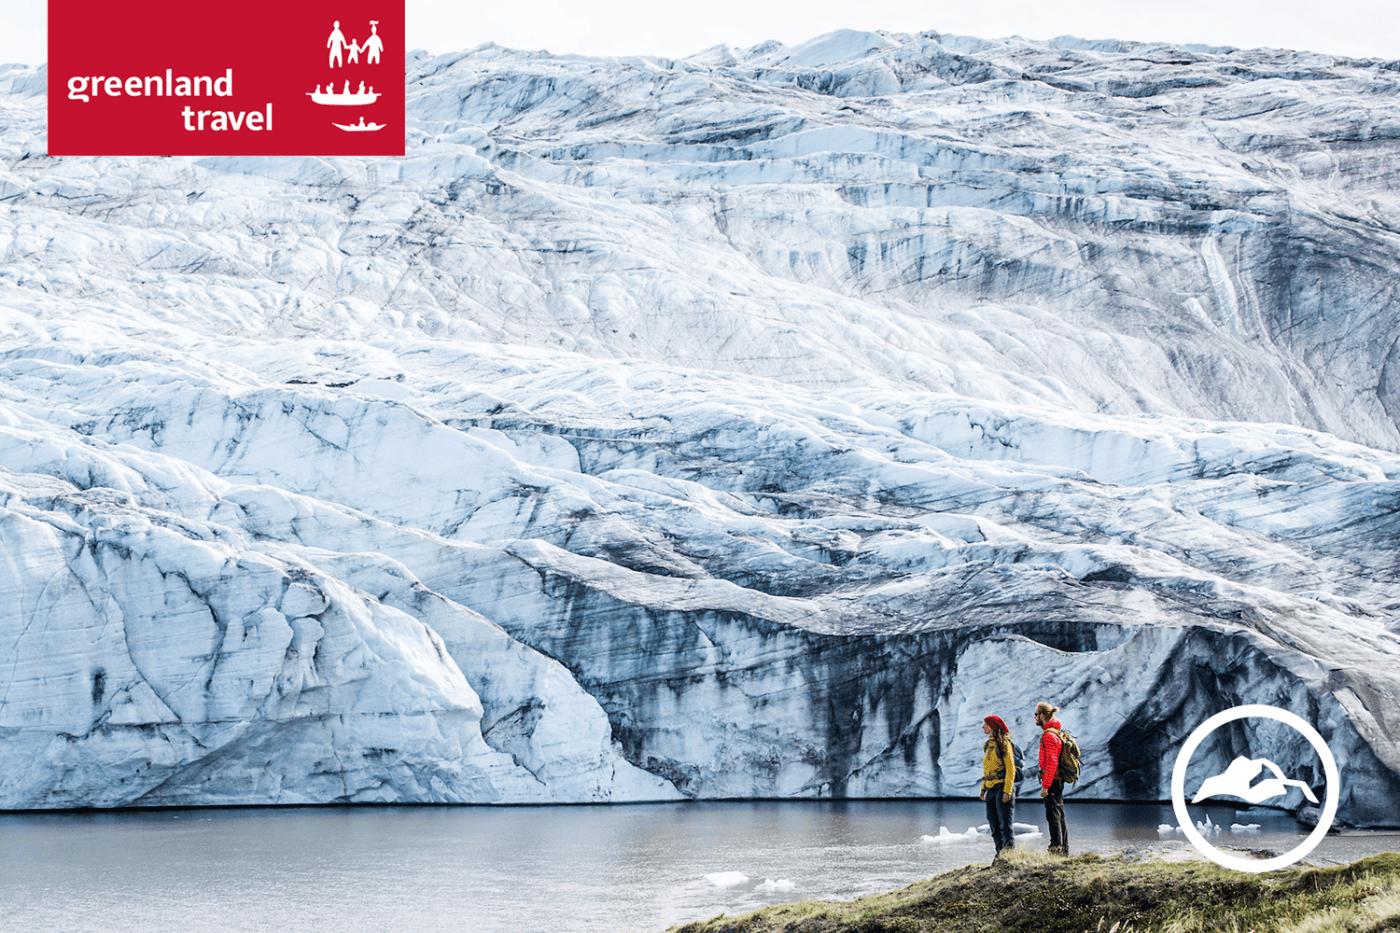 Greenland Travel: Traumreise mit Schnee und Eis